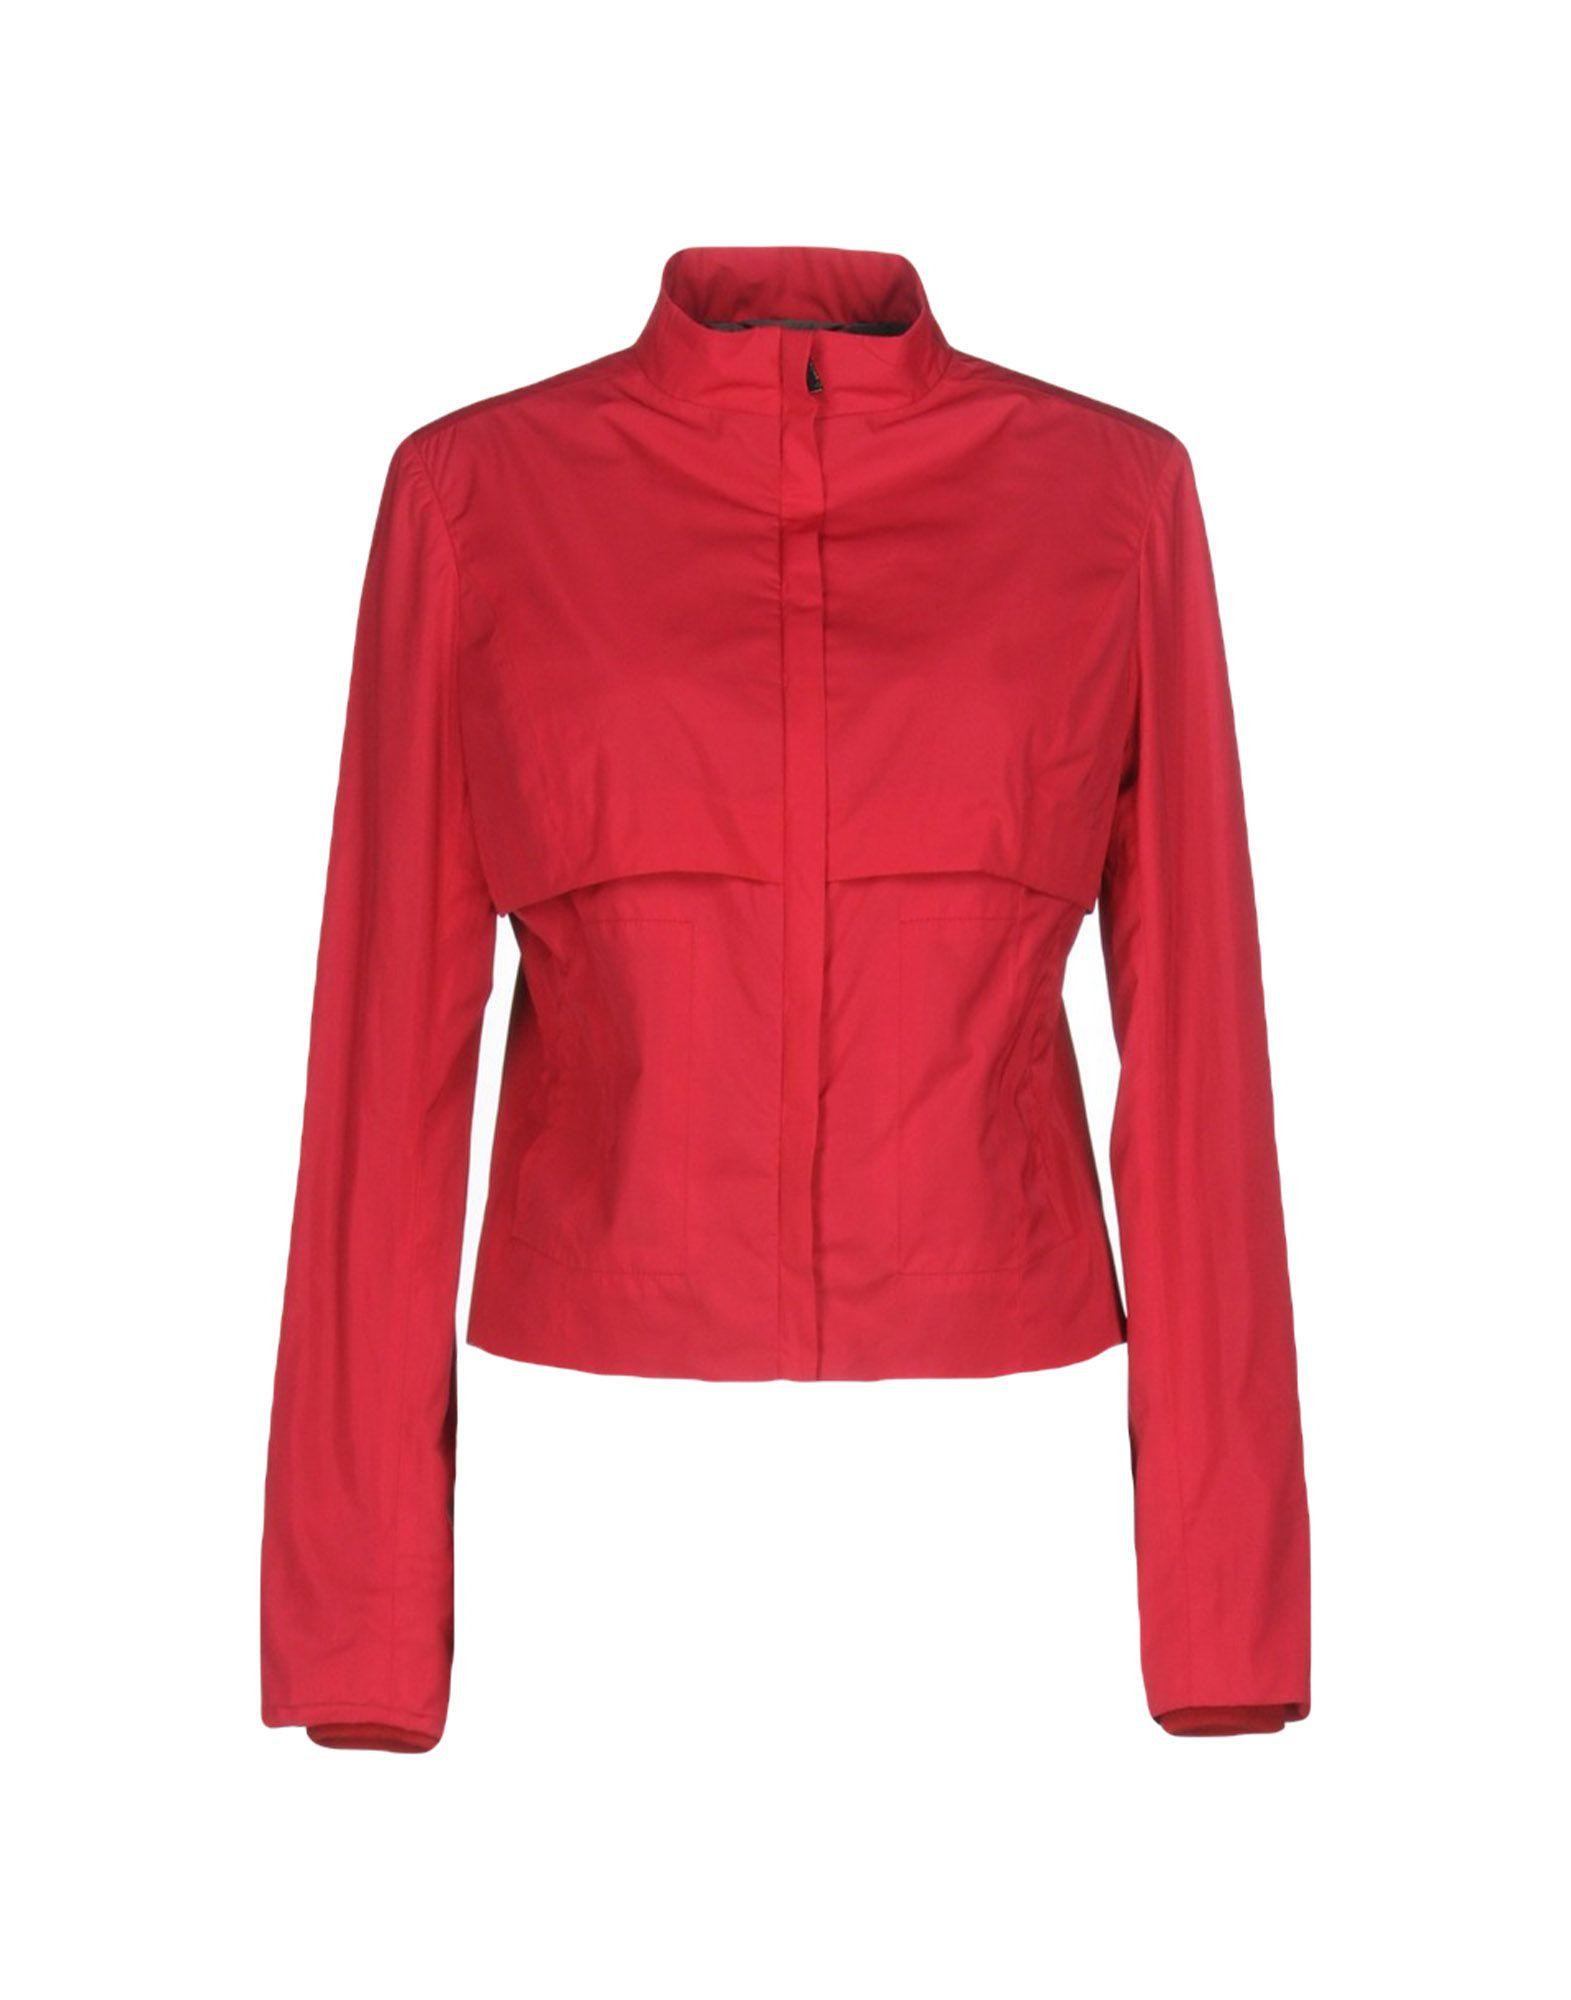 CK CALVIN KLEIN Куртка одежда для сна ck d3473